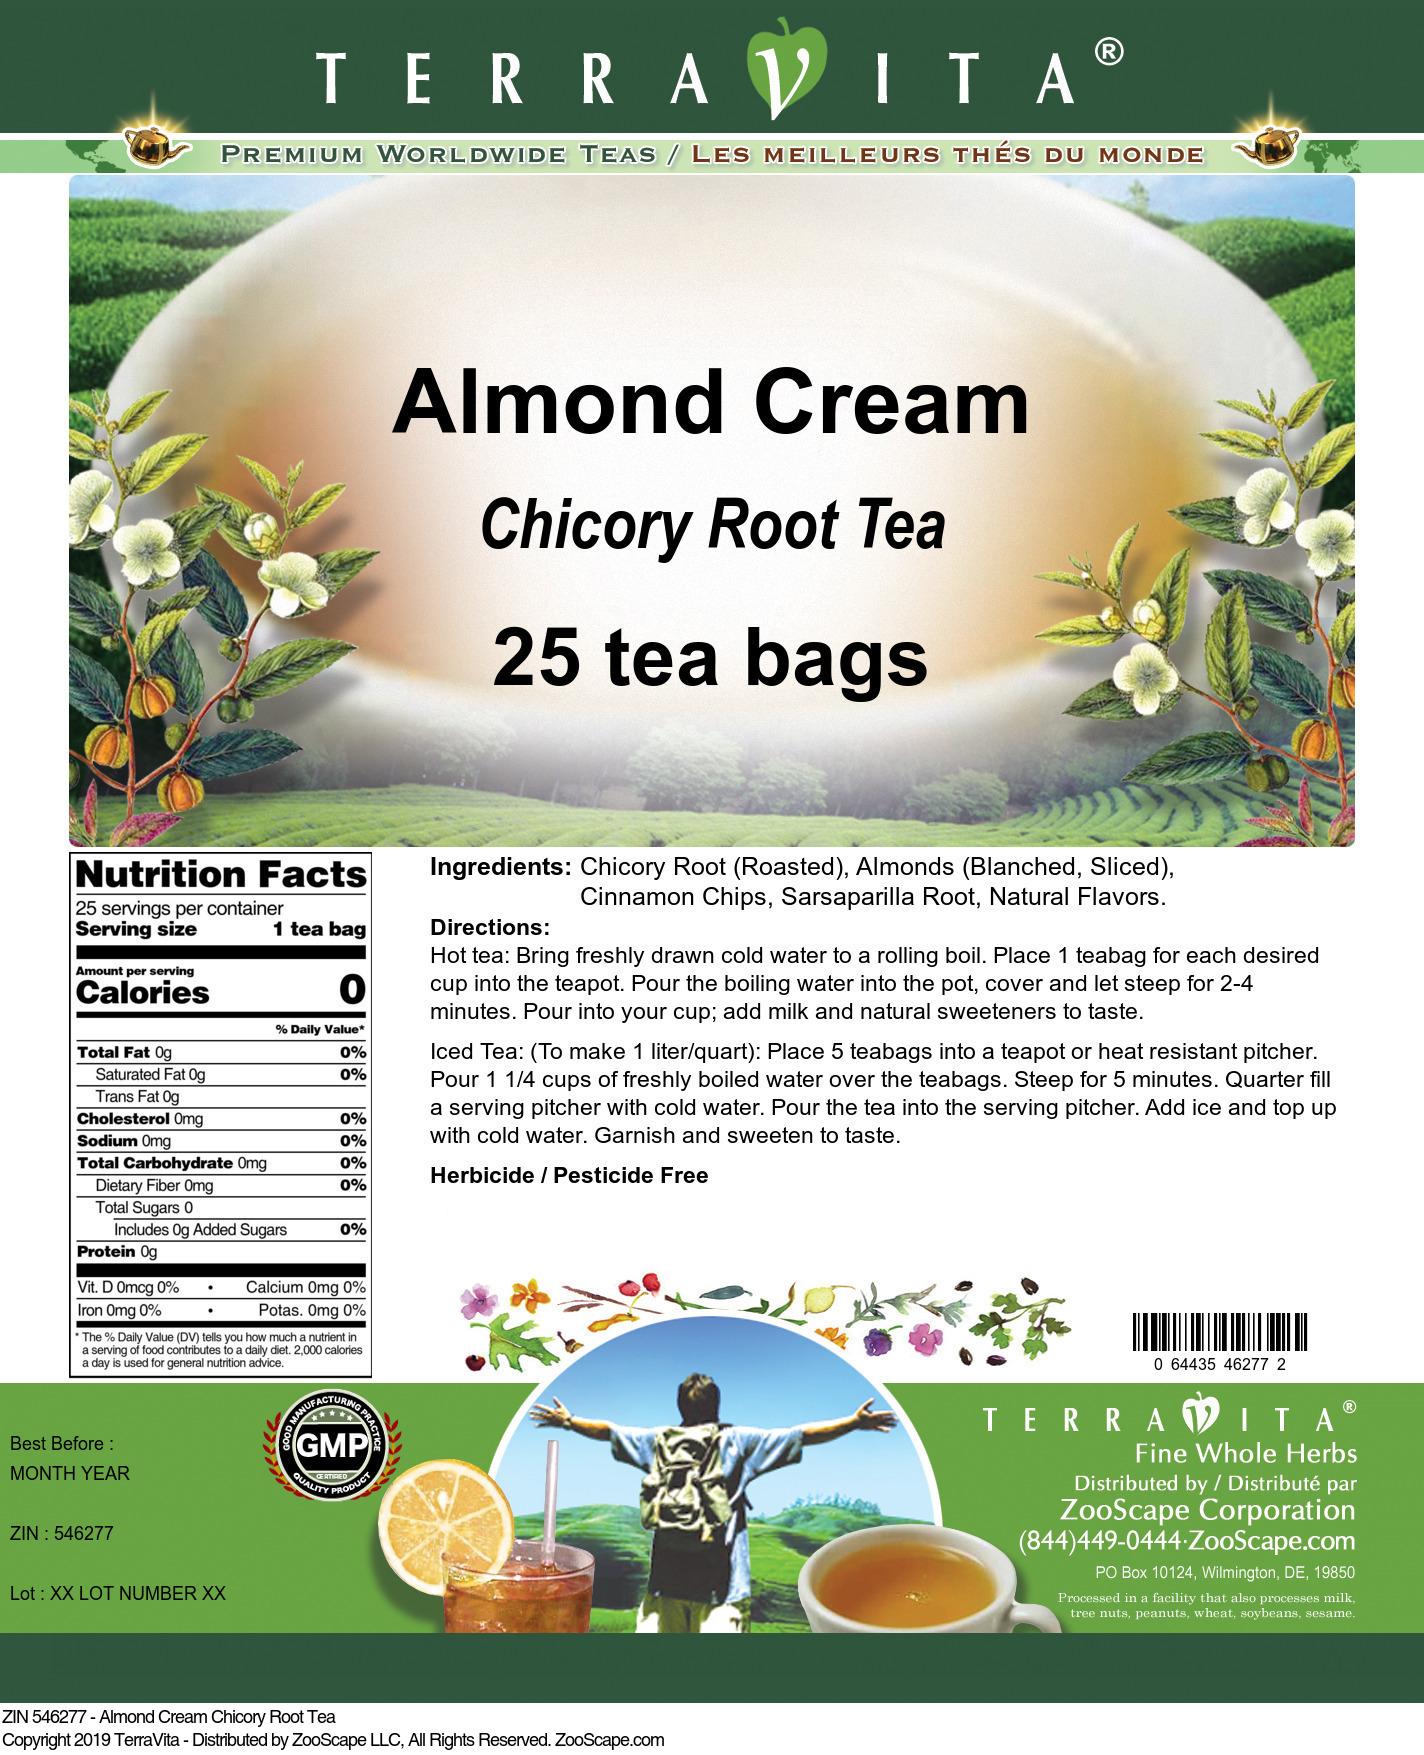 Almond Cream Chicory Root